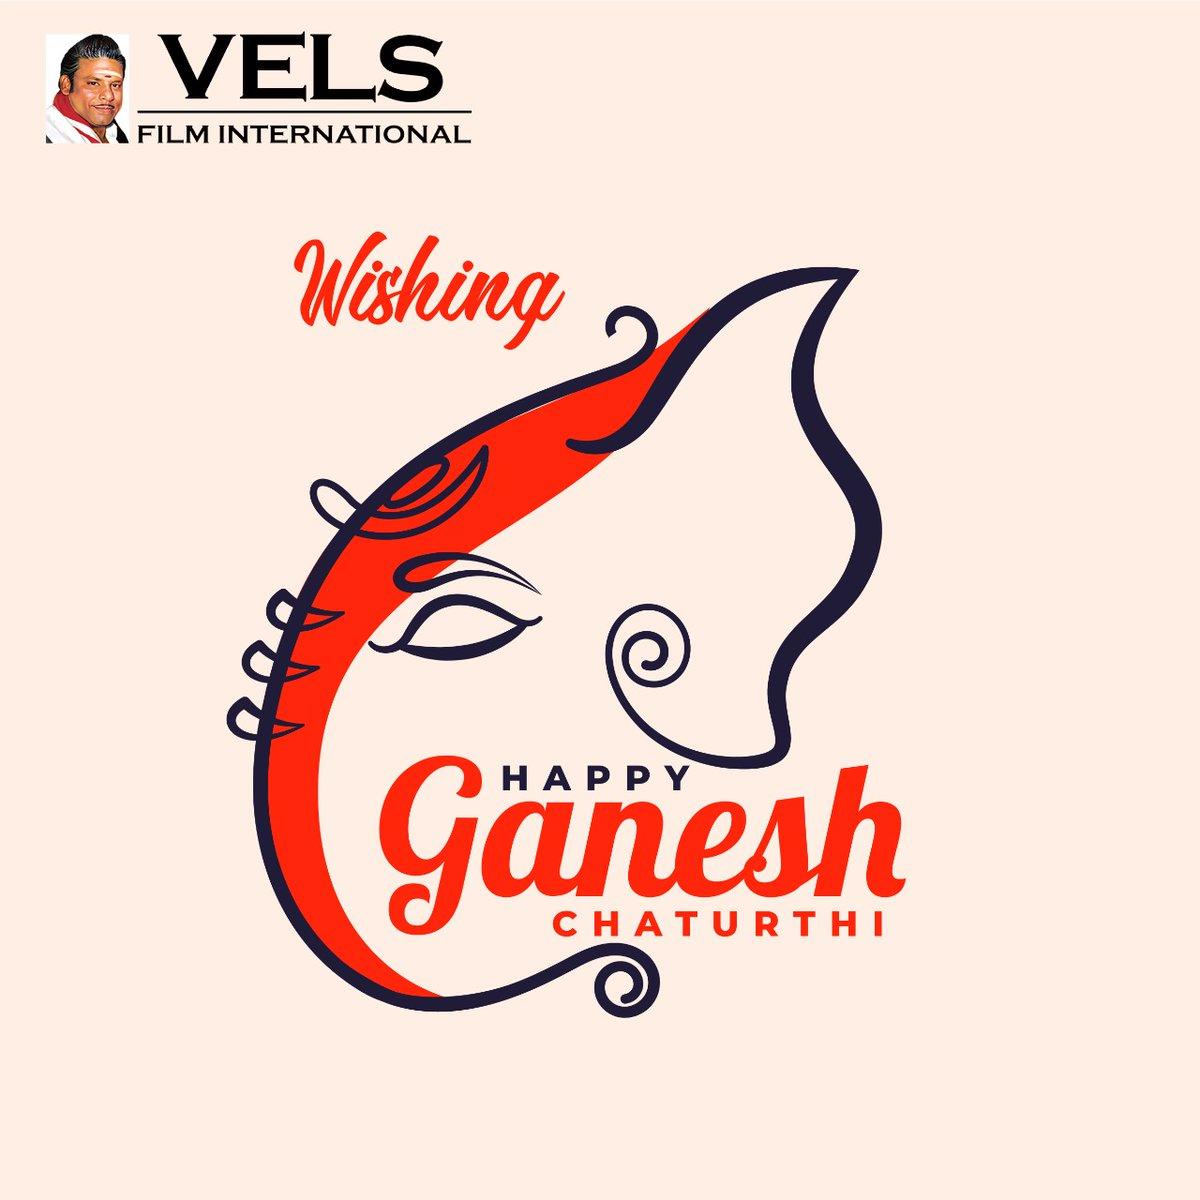 இனிய விநாயகர் சதுர்த்தி நல்வாழ்த்துக்கள்! Happy Vinayagar Chaturthi😊  #GaneshChaturthi #GaneshChaturthi2020 @VelsFilmIntl https://t.co/LIxdESsmjM